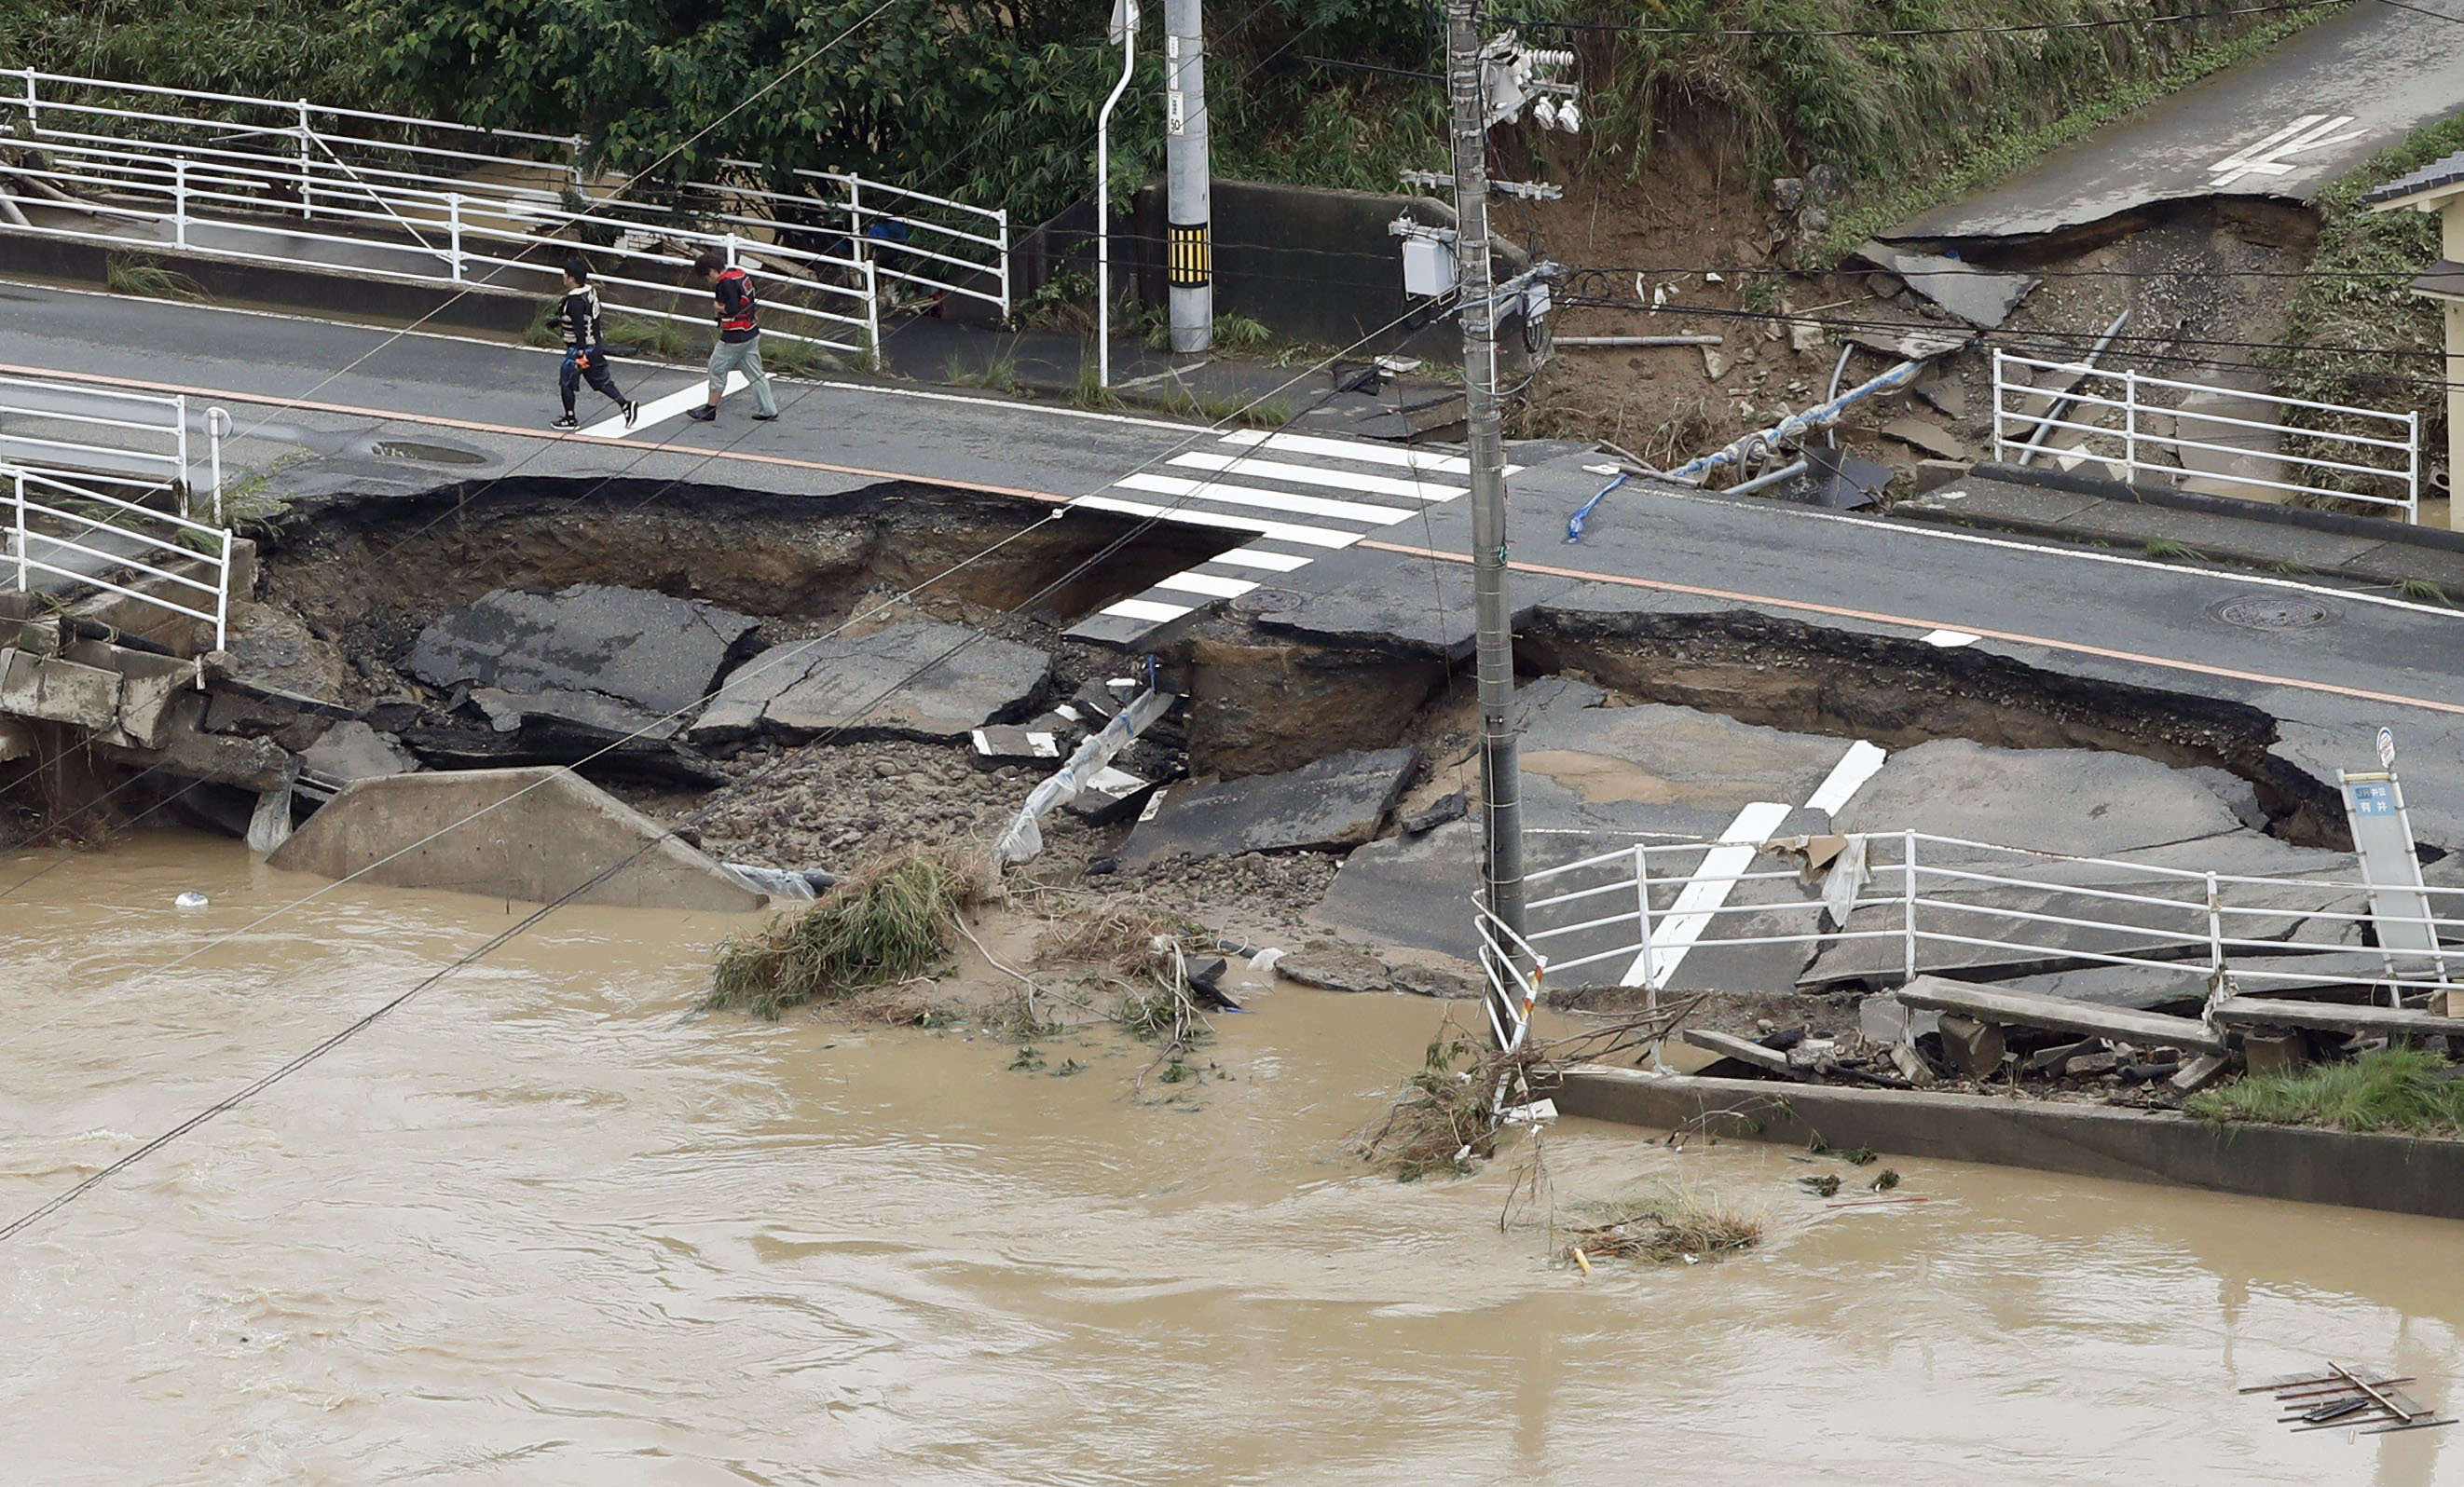 Des records de pluviométrie ont été enregistrés en soixante-douze heures dans 118 points d'observation répartis dans une quinzaine de préfectures.